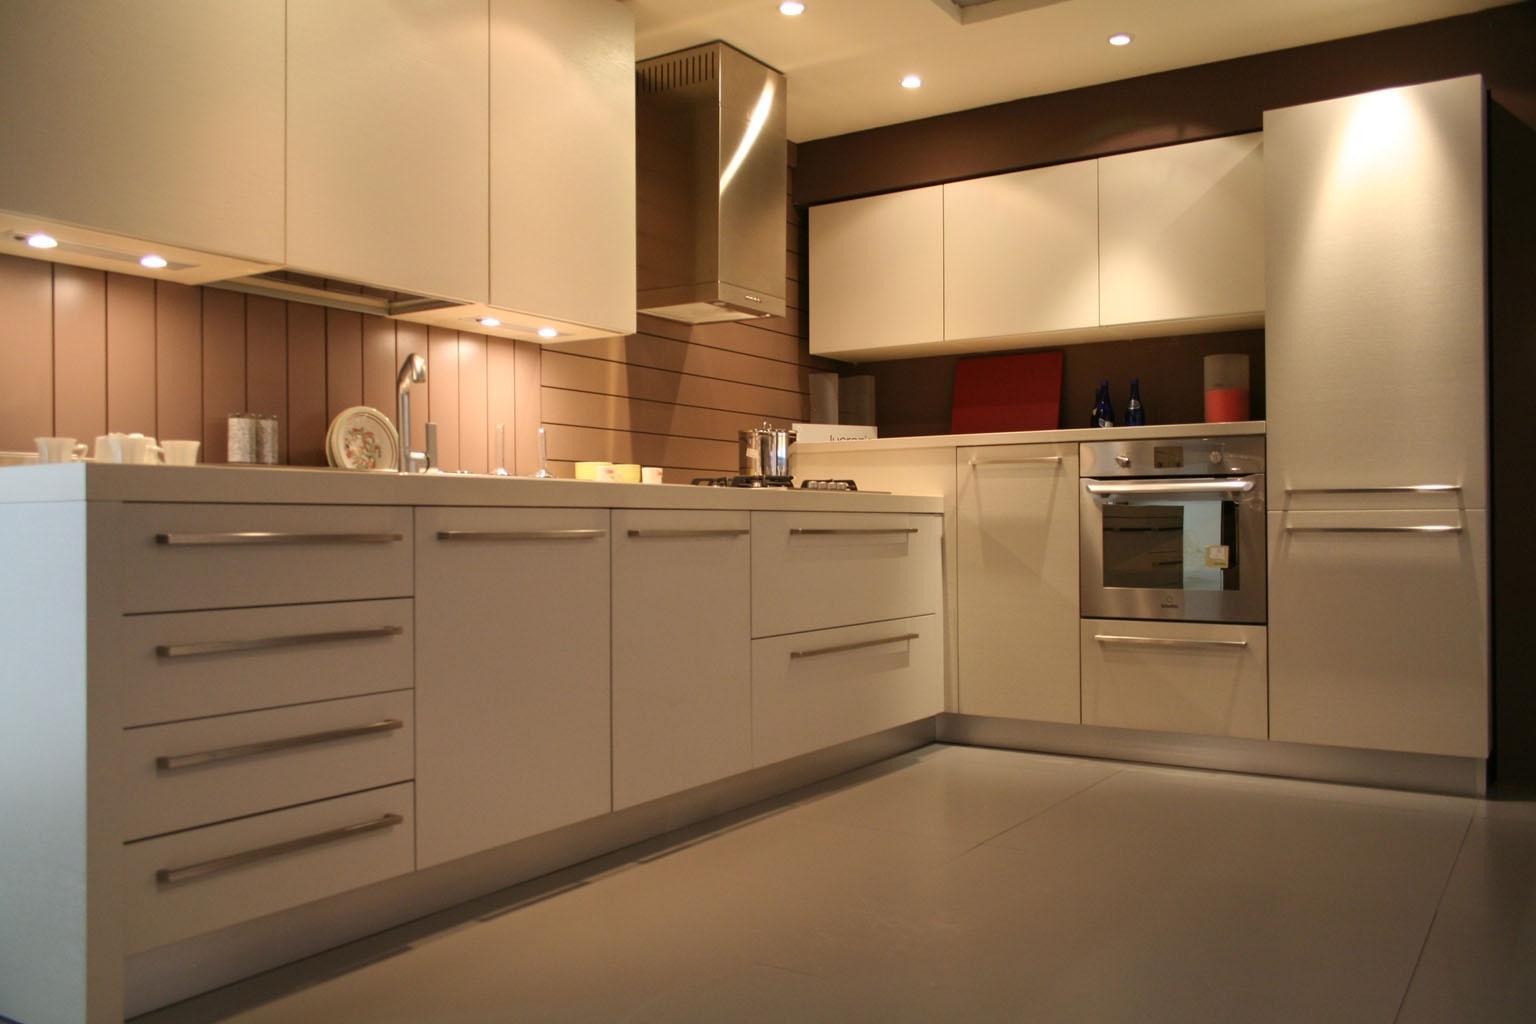 Cucine complete mondo convenienza idee di design per la casa - Mondo convenienza camere da letto complete ...